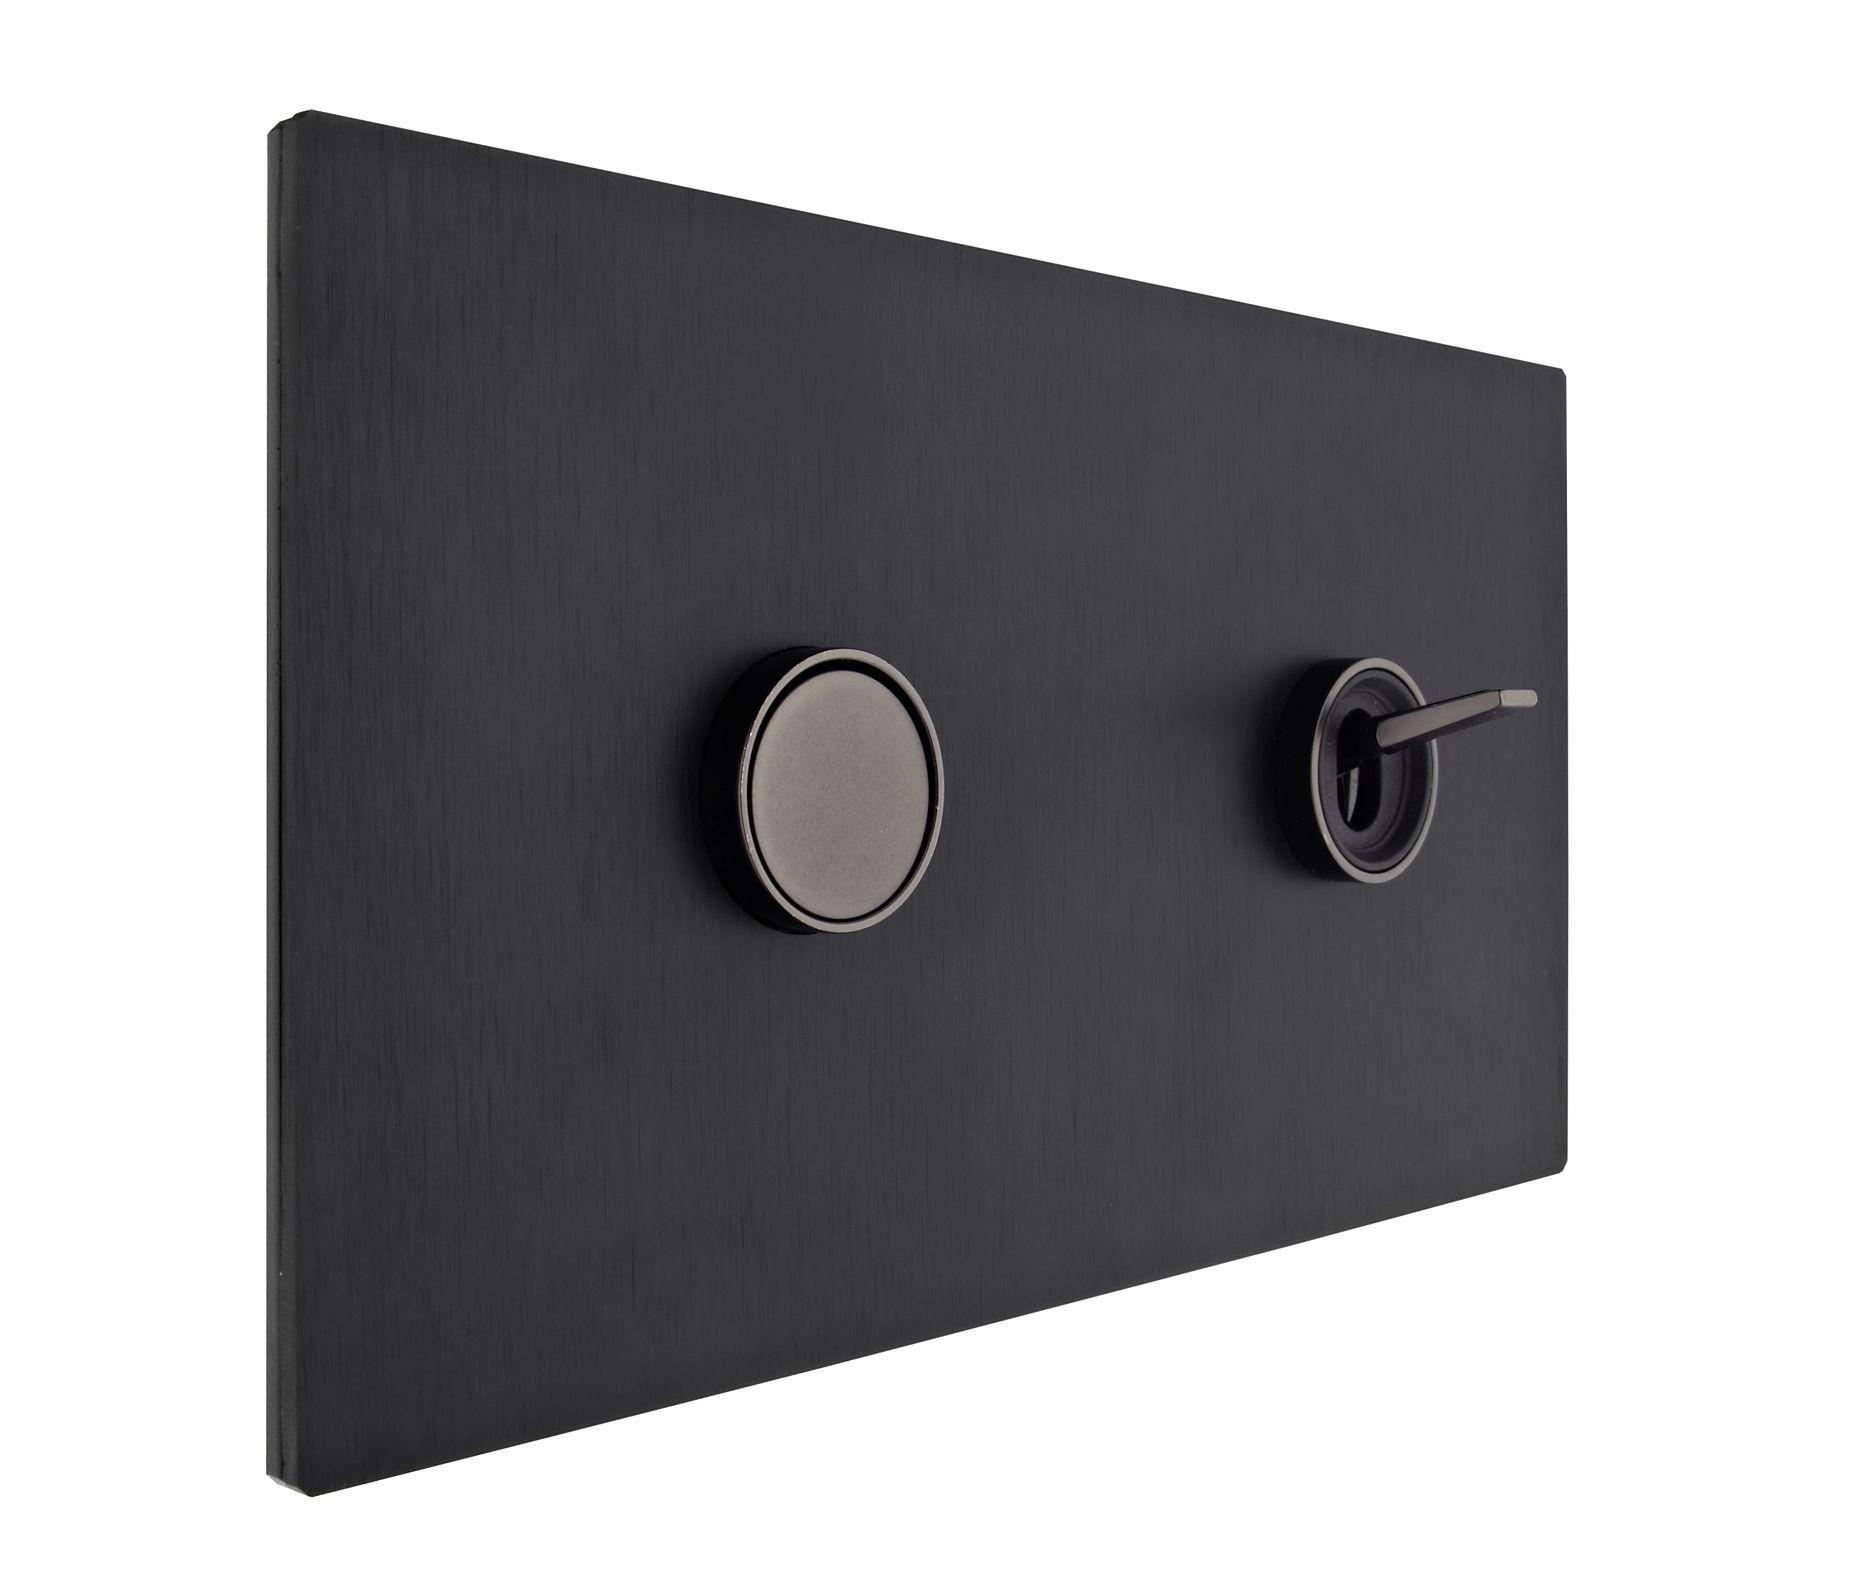 5 1 Double Black Anodized Aluminium Pushbutton Graphite Interior Graphite Toggle Two Way Switch Double Black Anodized Al Switch Plates Light Switch Design